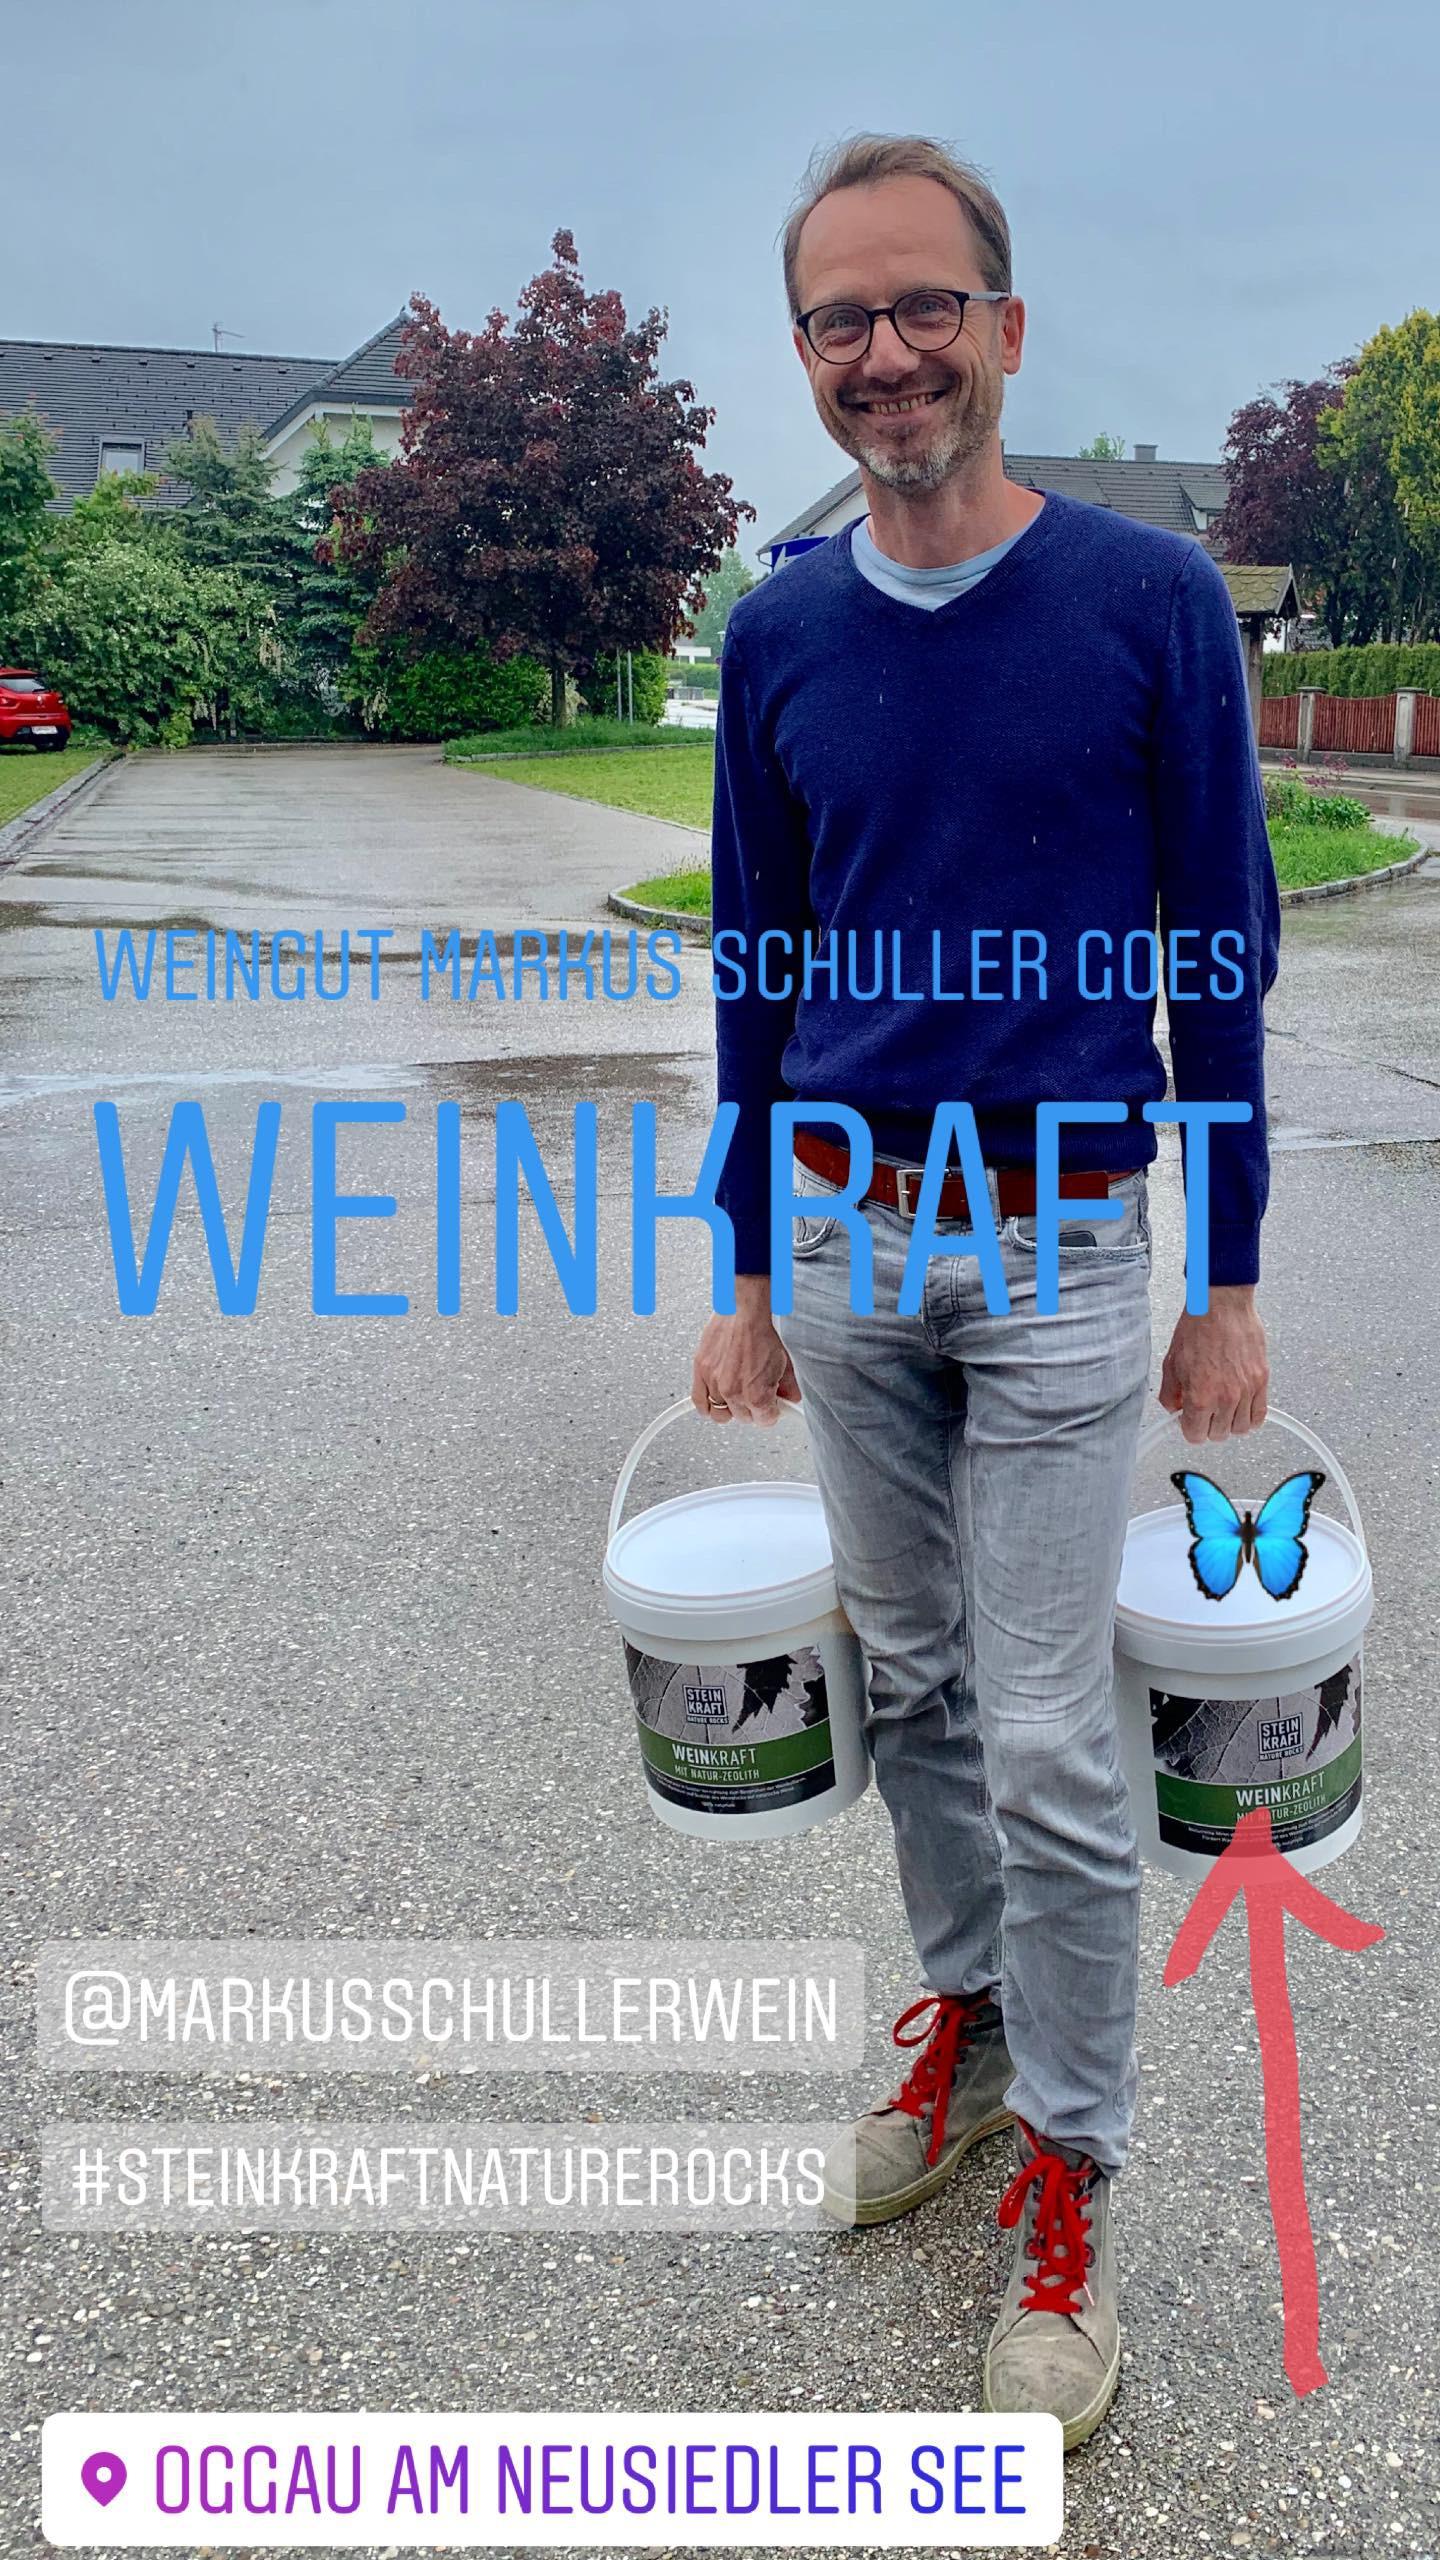 Weingut Schuller goes STEINKRAFT